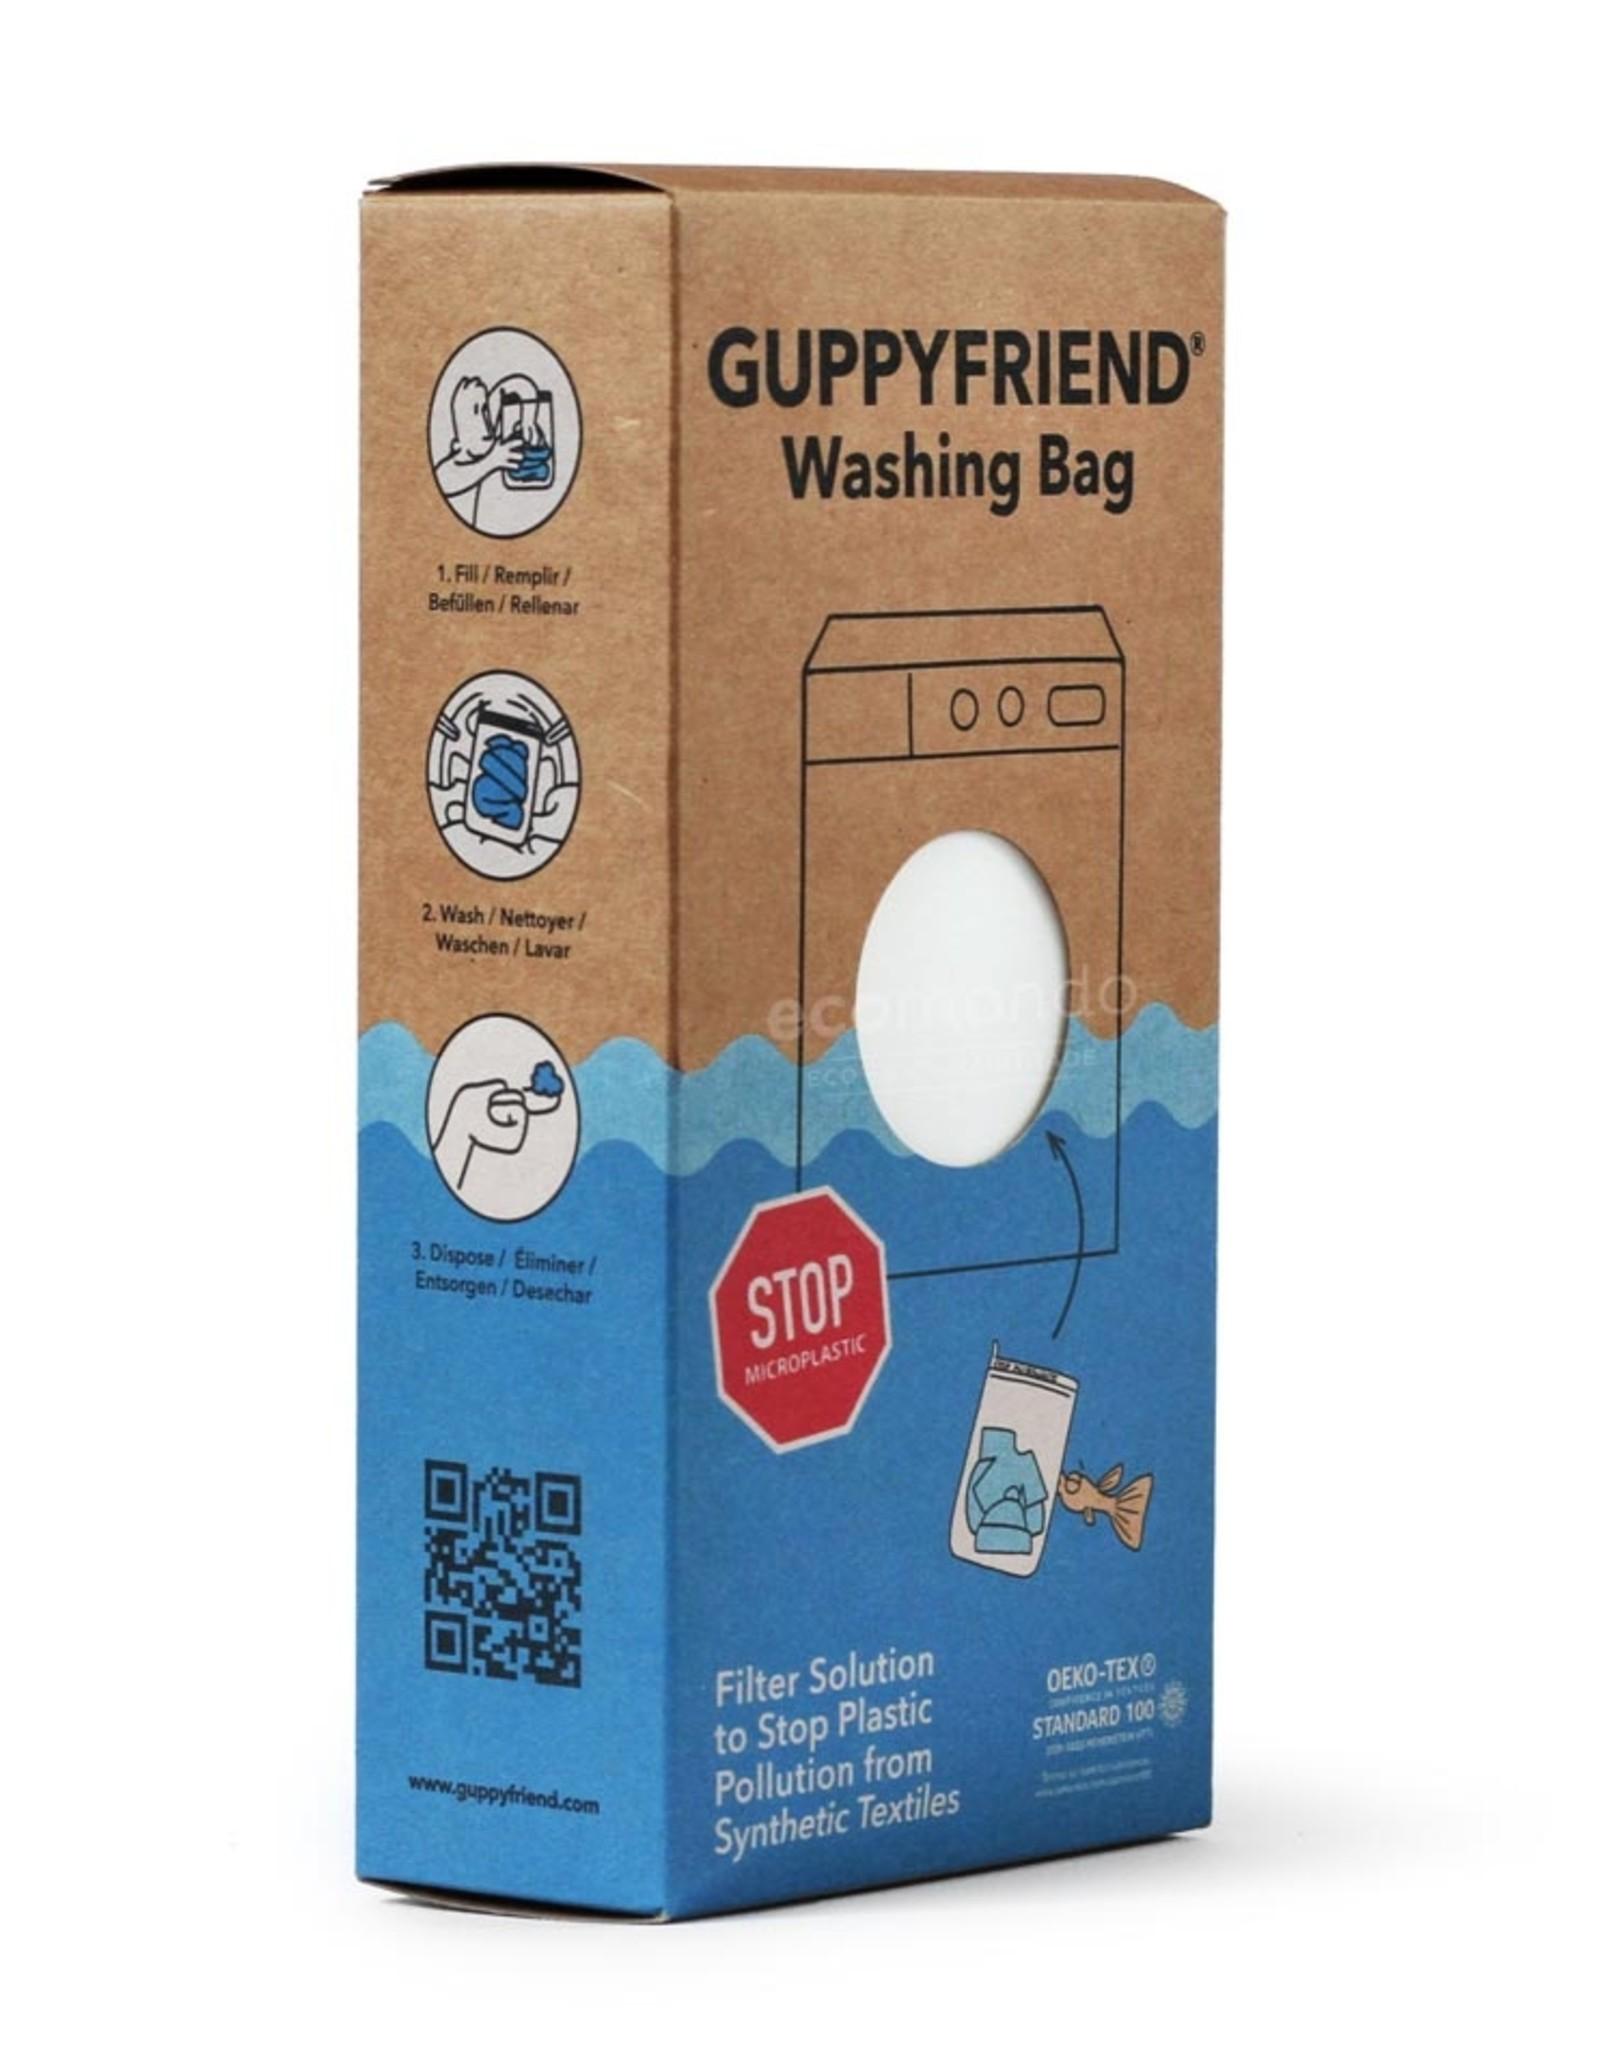 GuppyFriend GuppyFriend-Washing bag